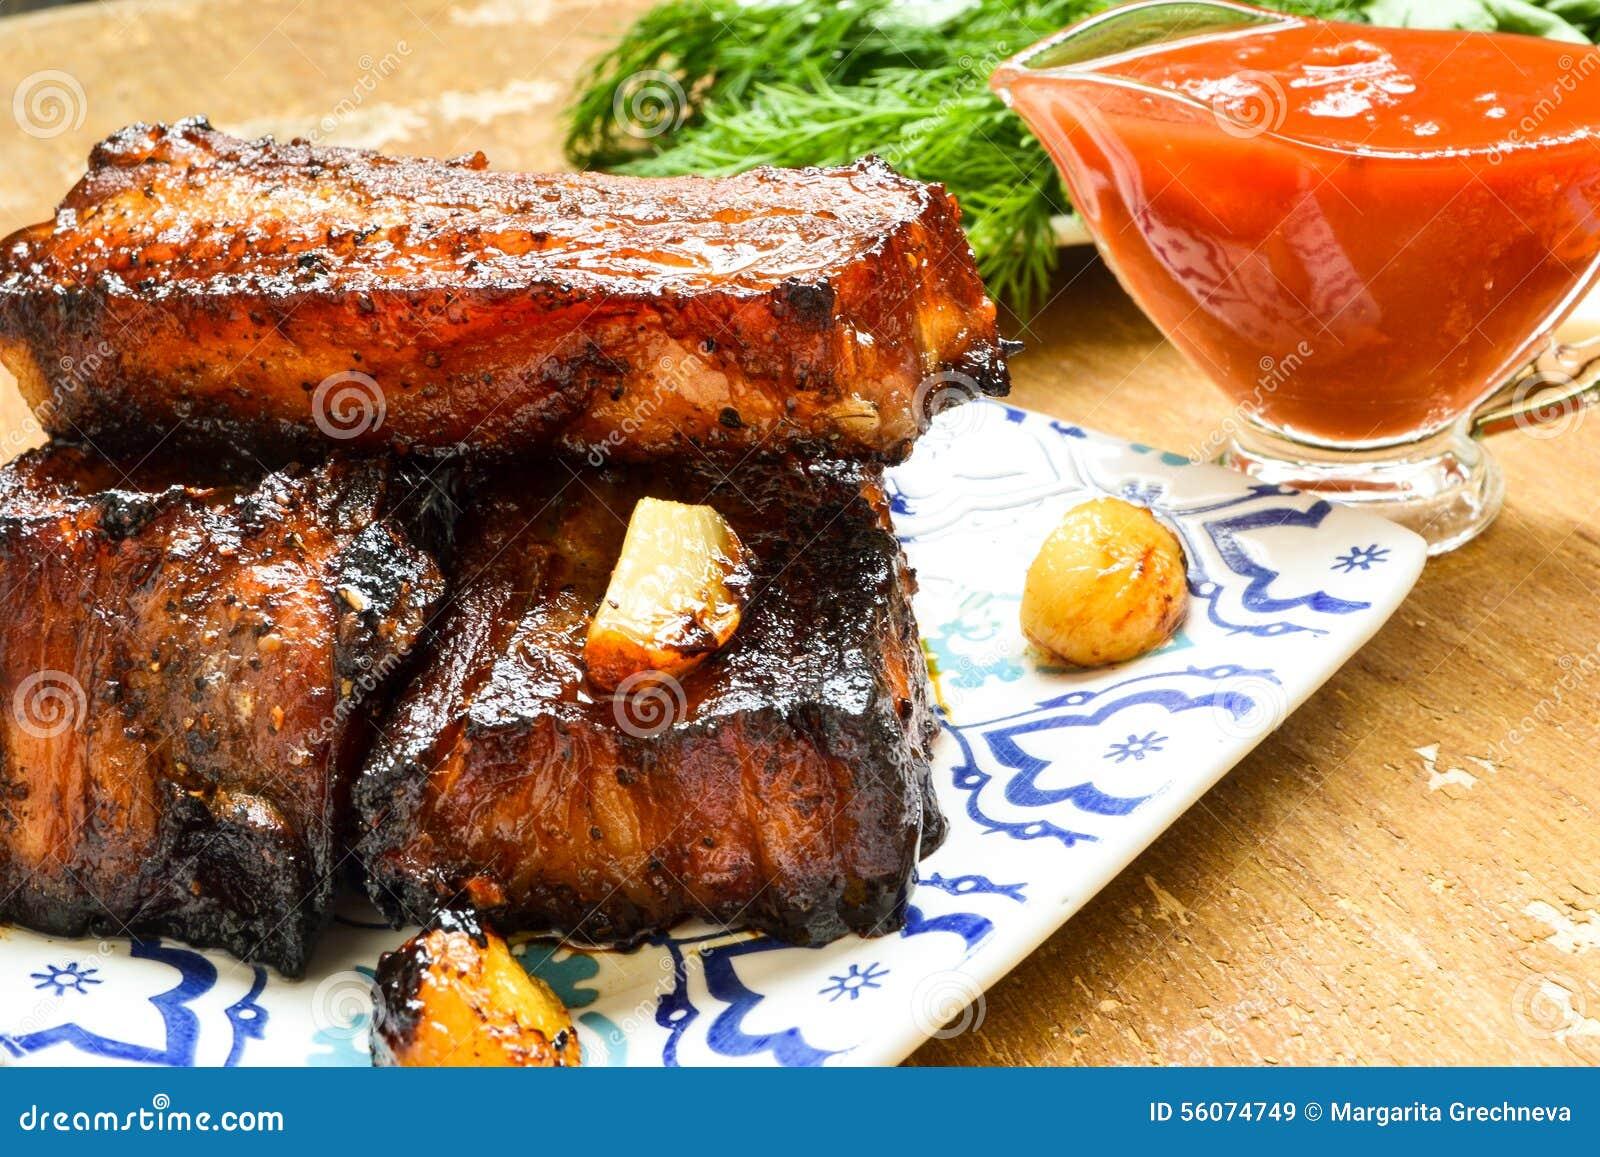 熏制的猪排用西红柿酱